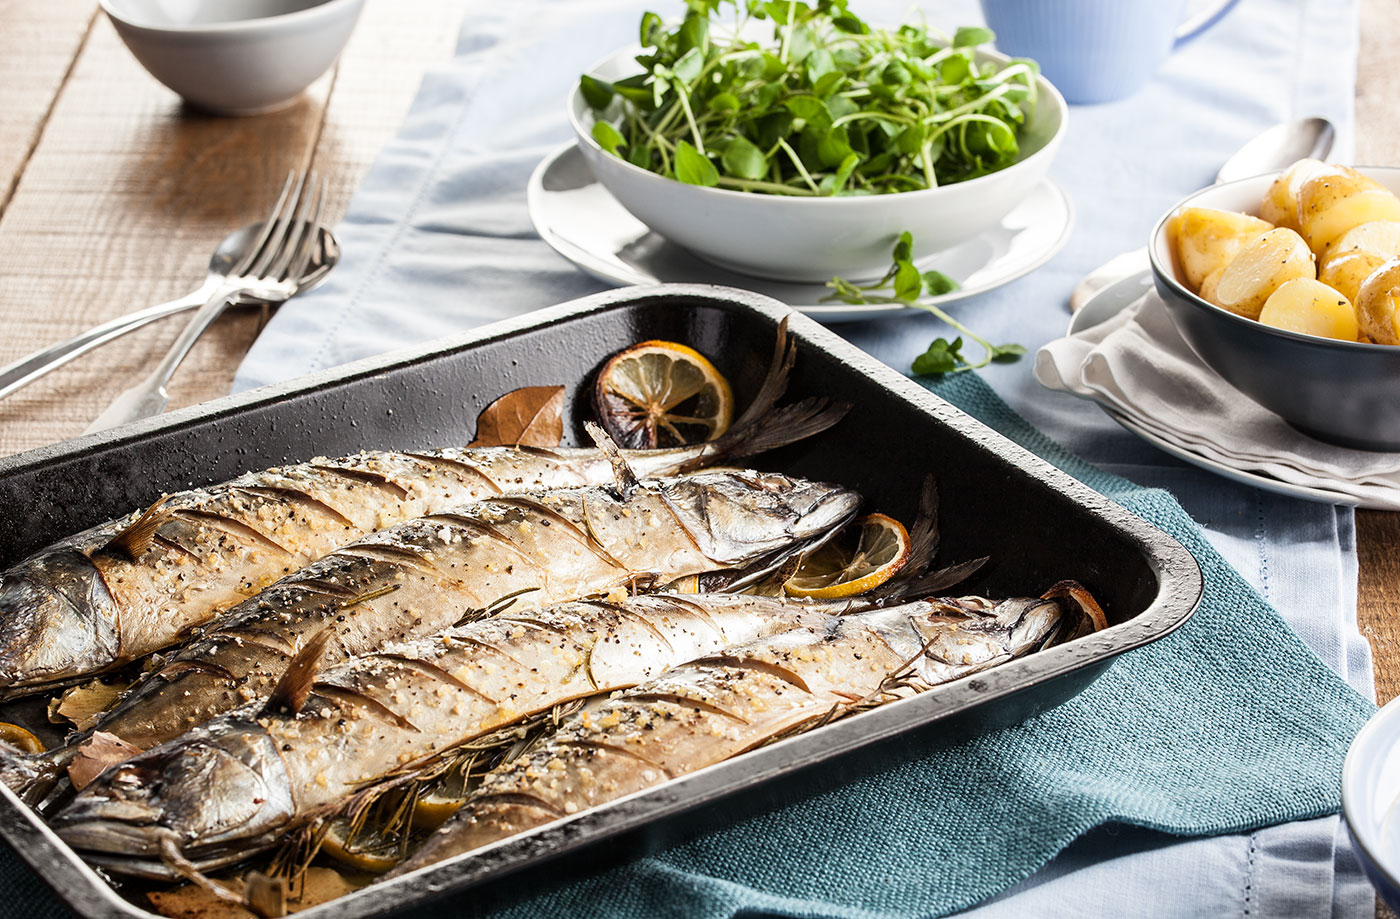 доме рецепты из рыбы скумбрия с фото фото картинками